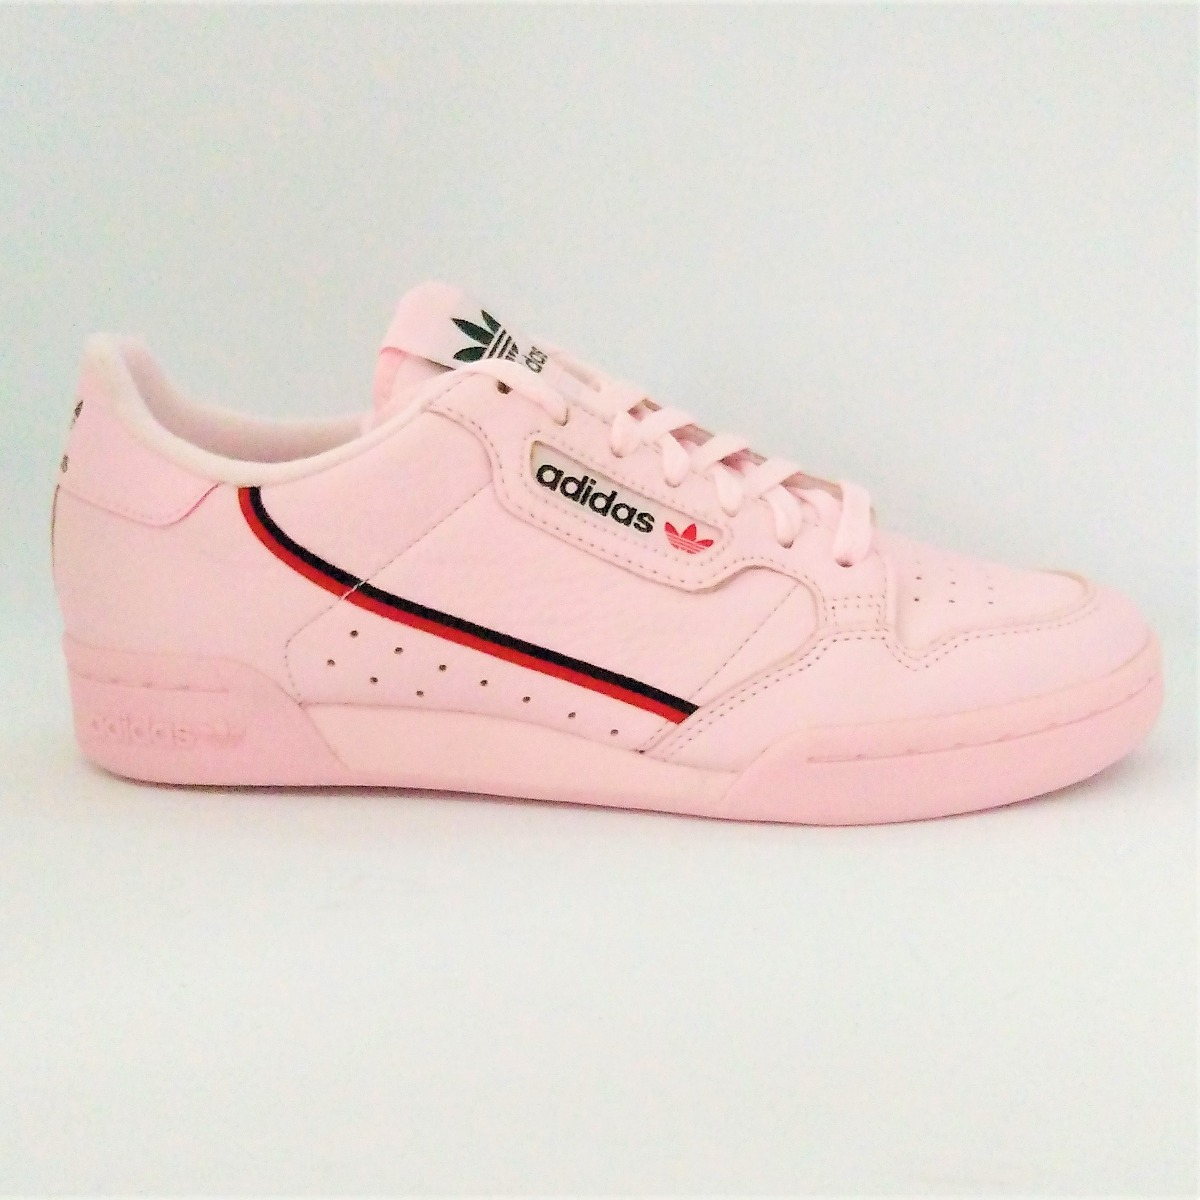 Tenis adidas Continental 80 Rosa Hombre Nuevos Originales